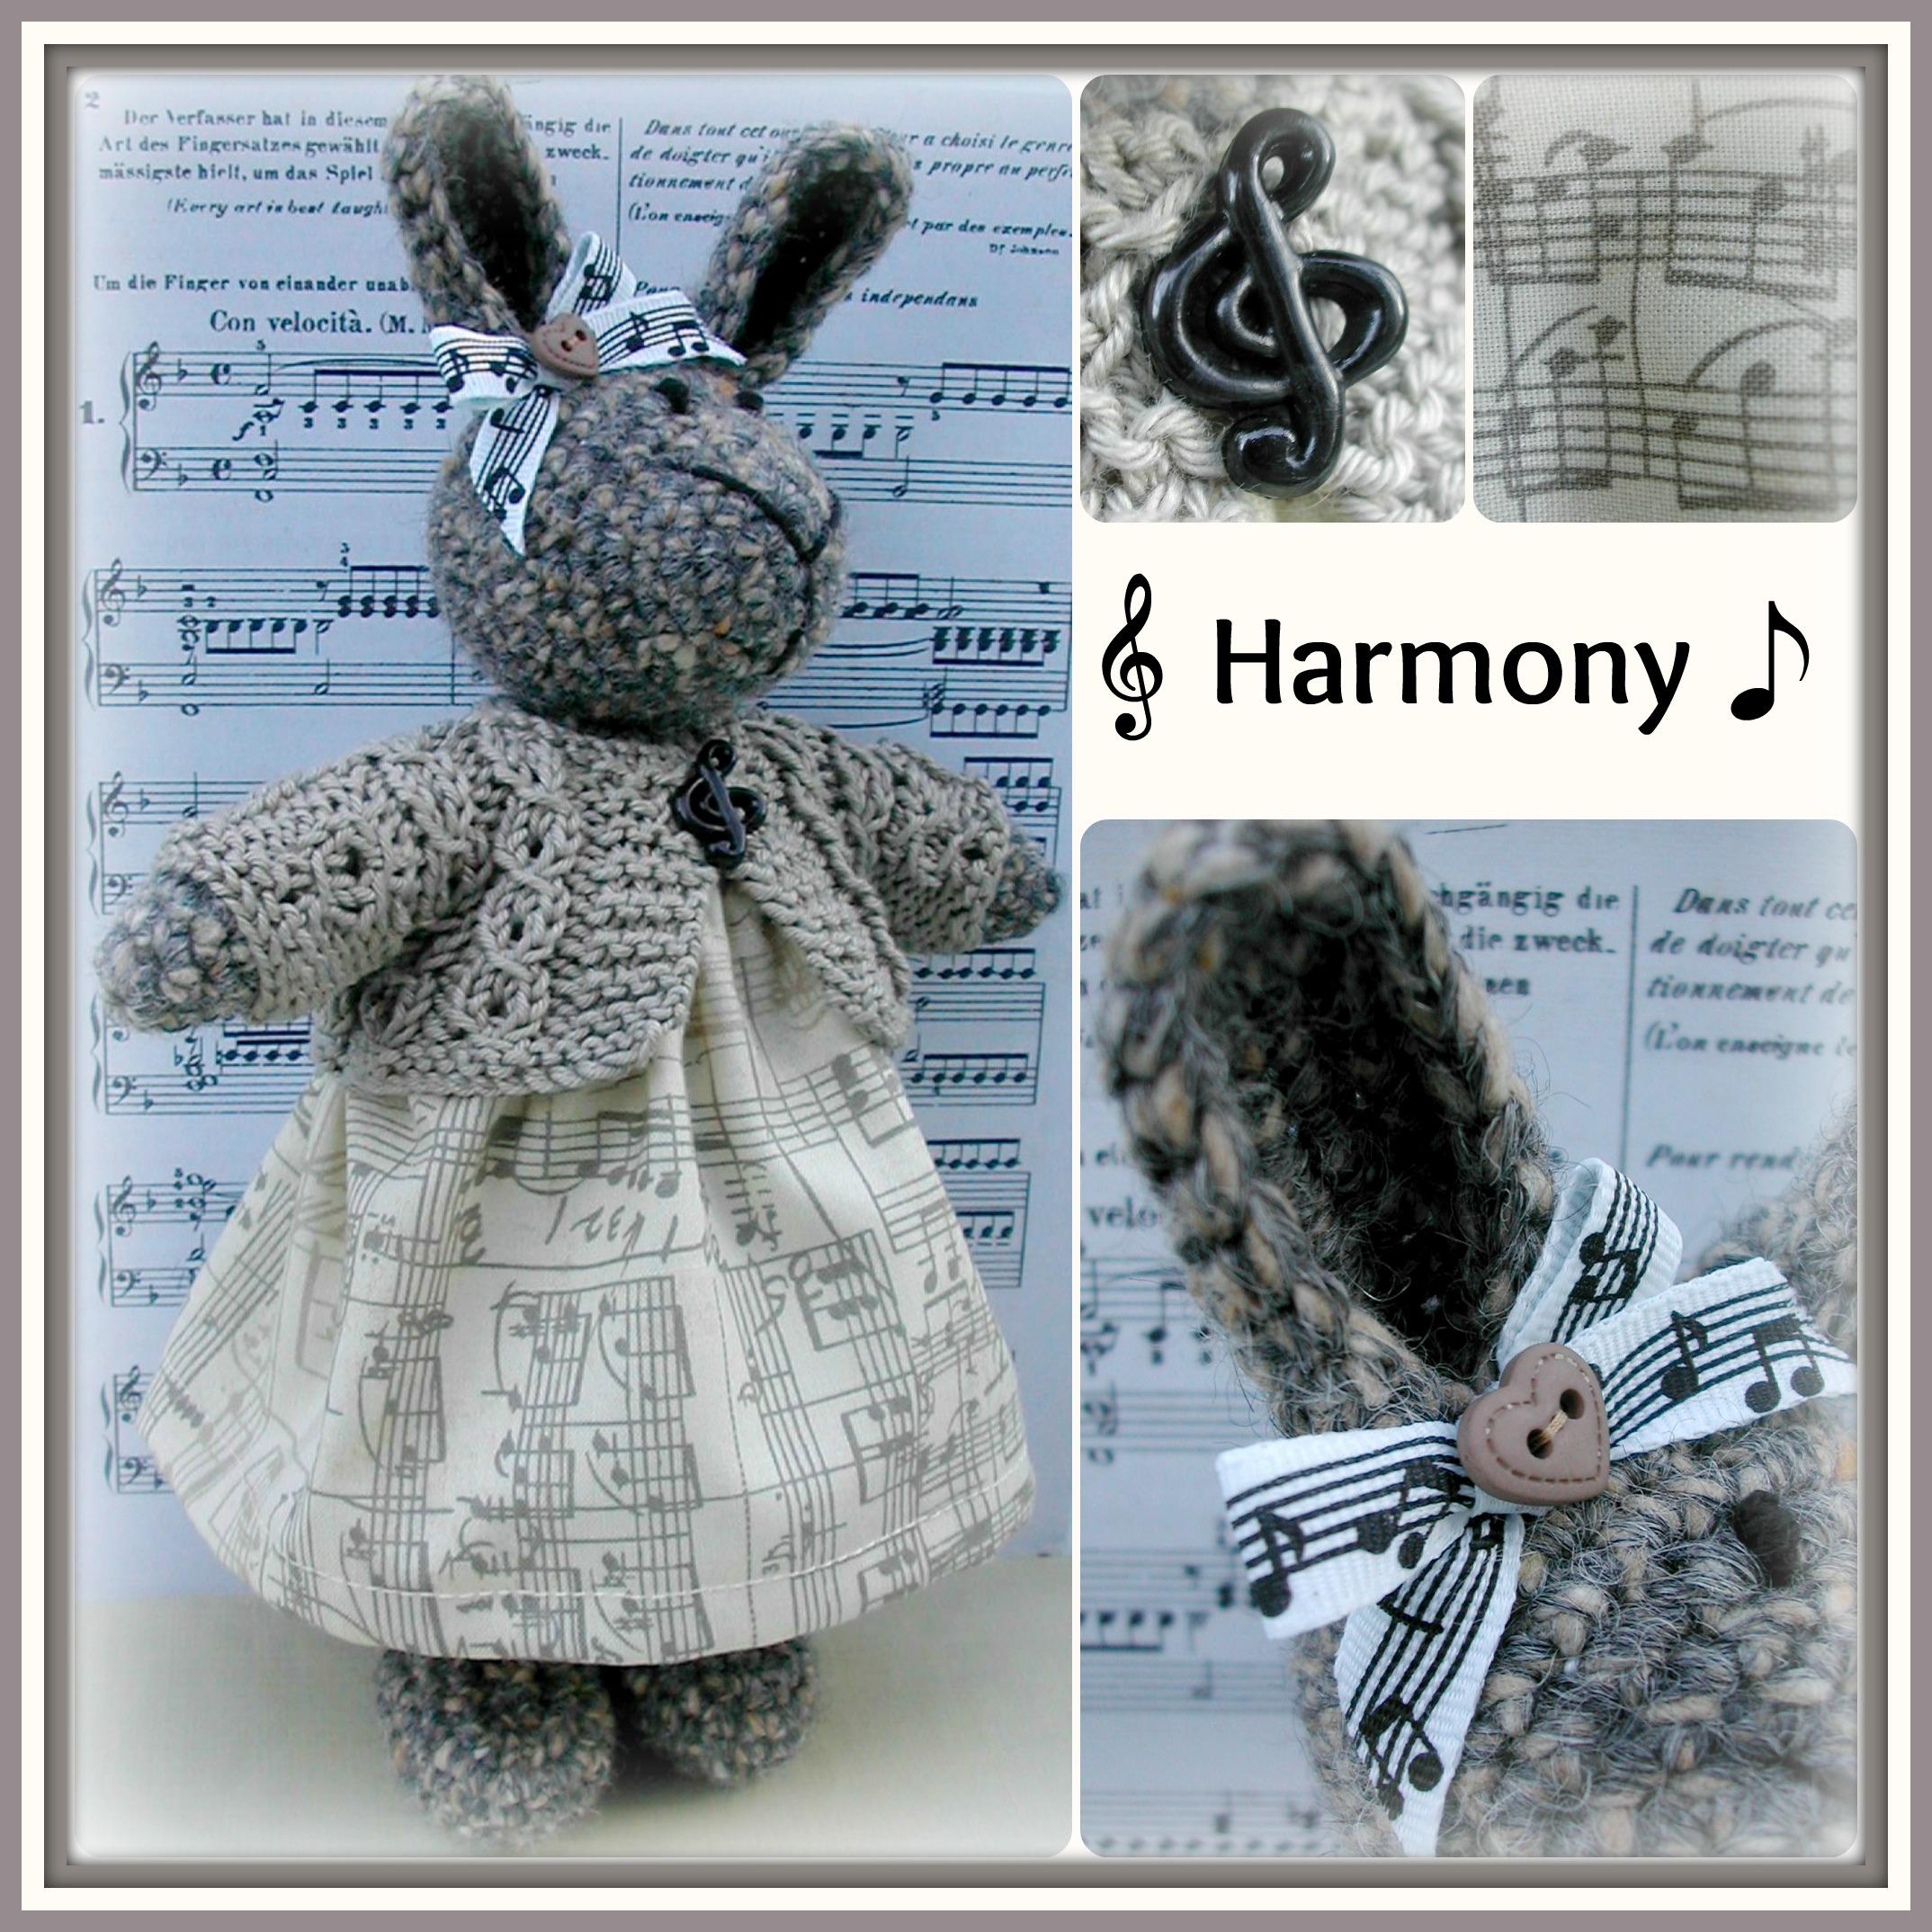 Harmony Collage